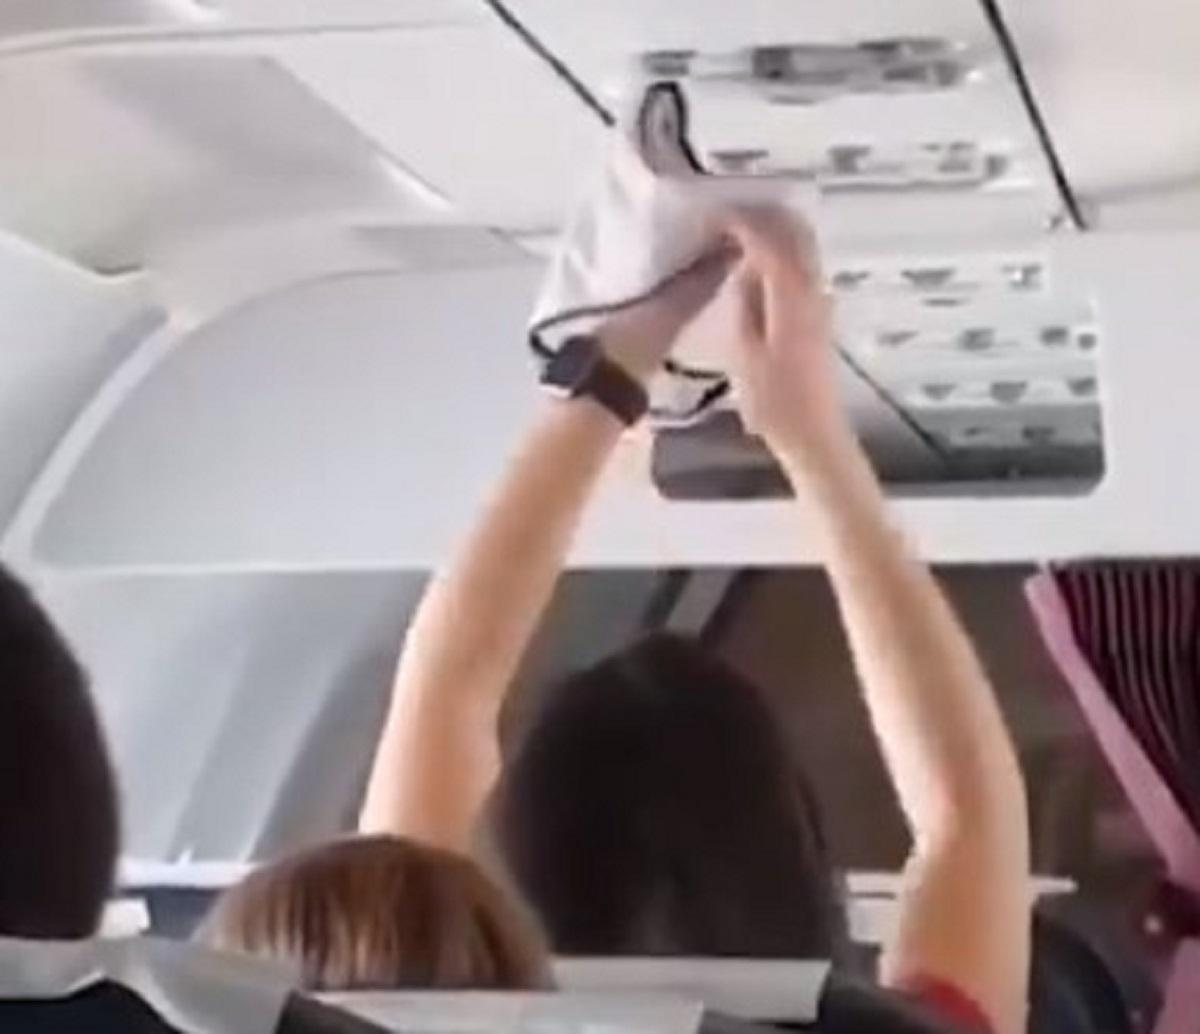 Lite volo Ryanair passeggera distanziamento sociale video